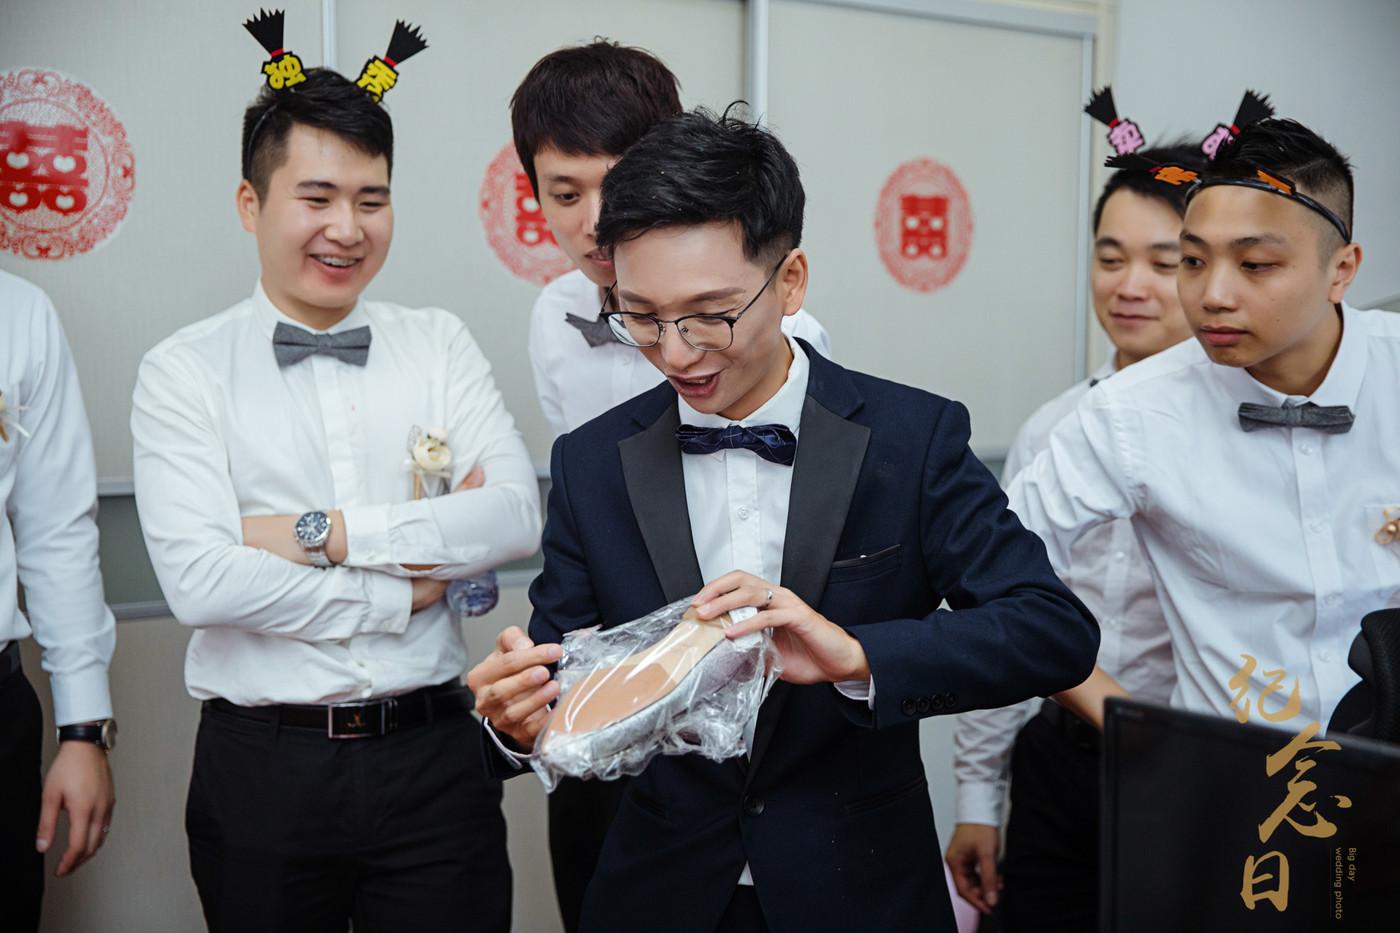 婚礼 | 志明&琳琳46